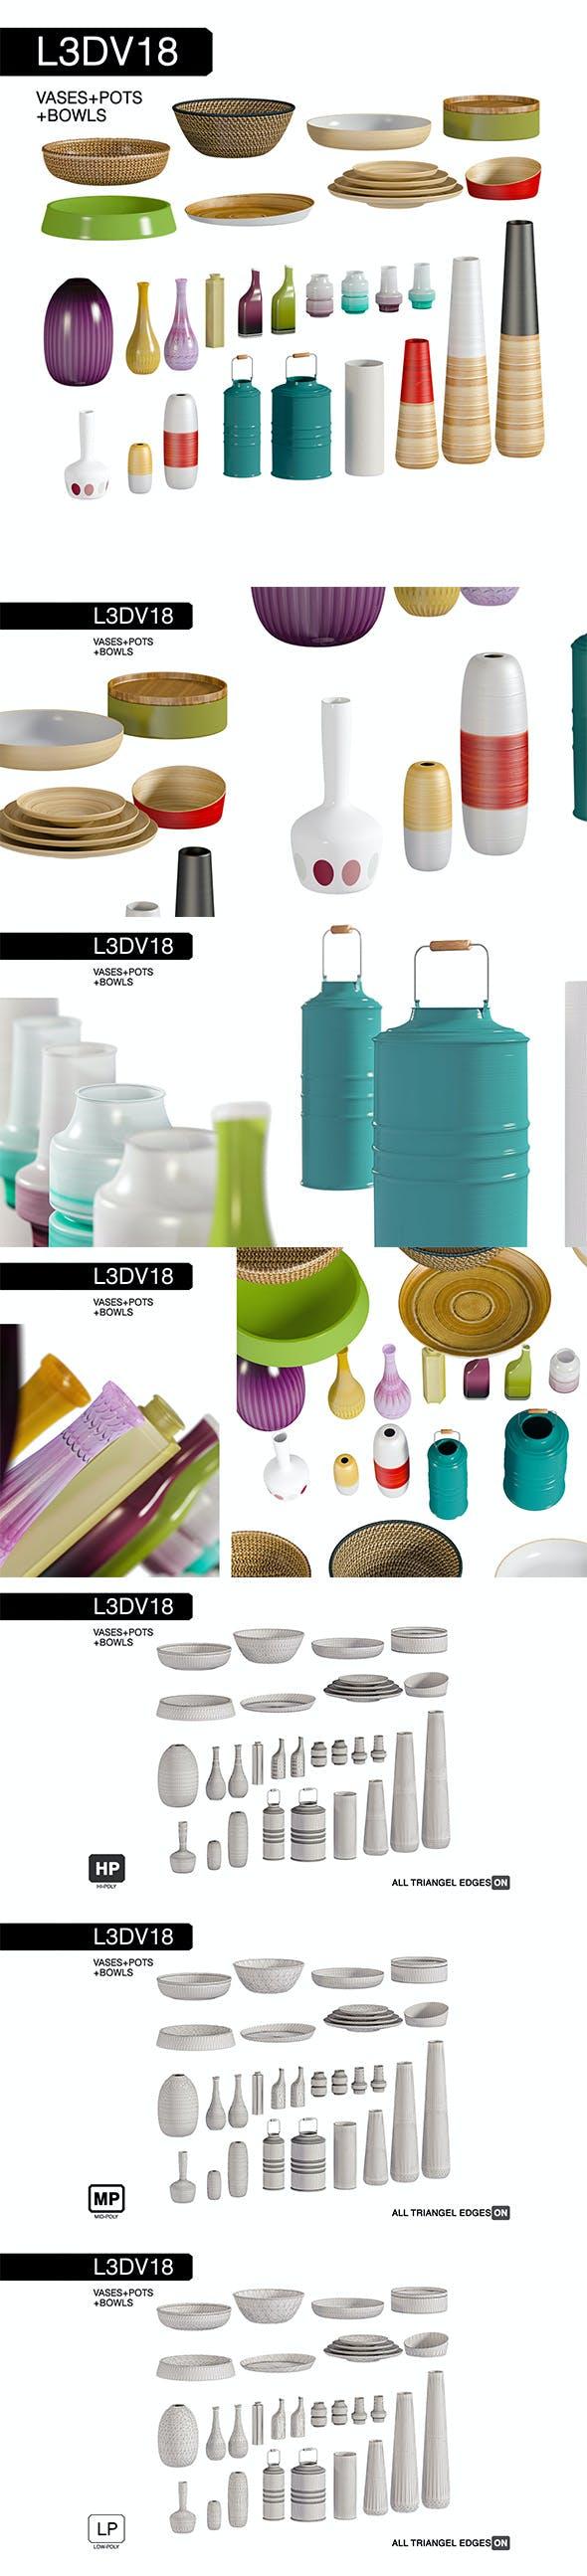 L3DV18G02 - vases bowls set - 3DOcean Item for Sale